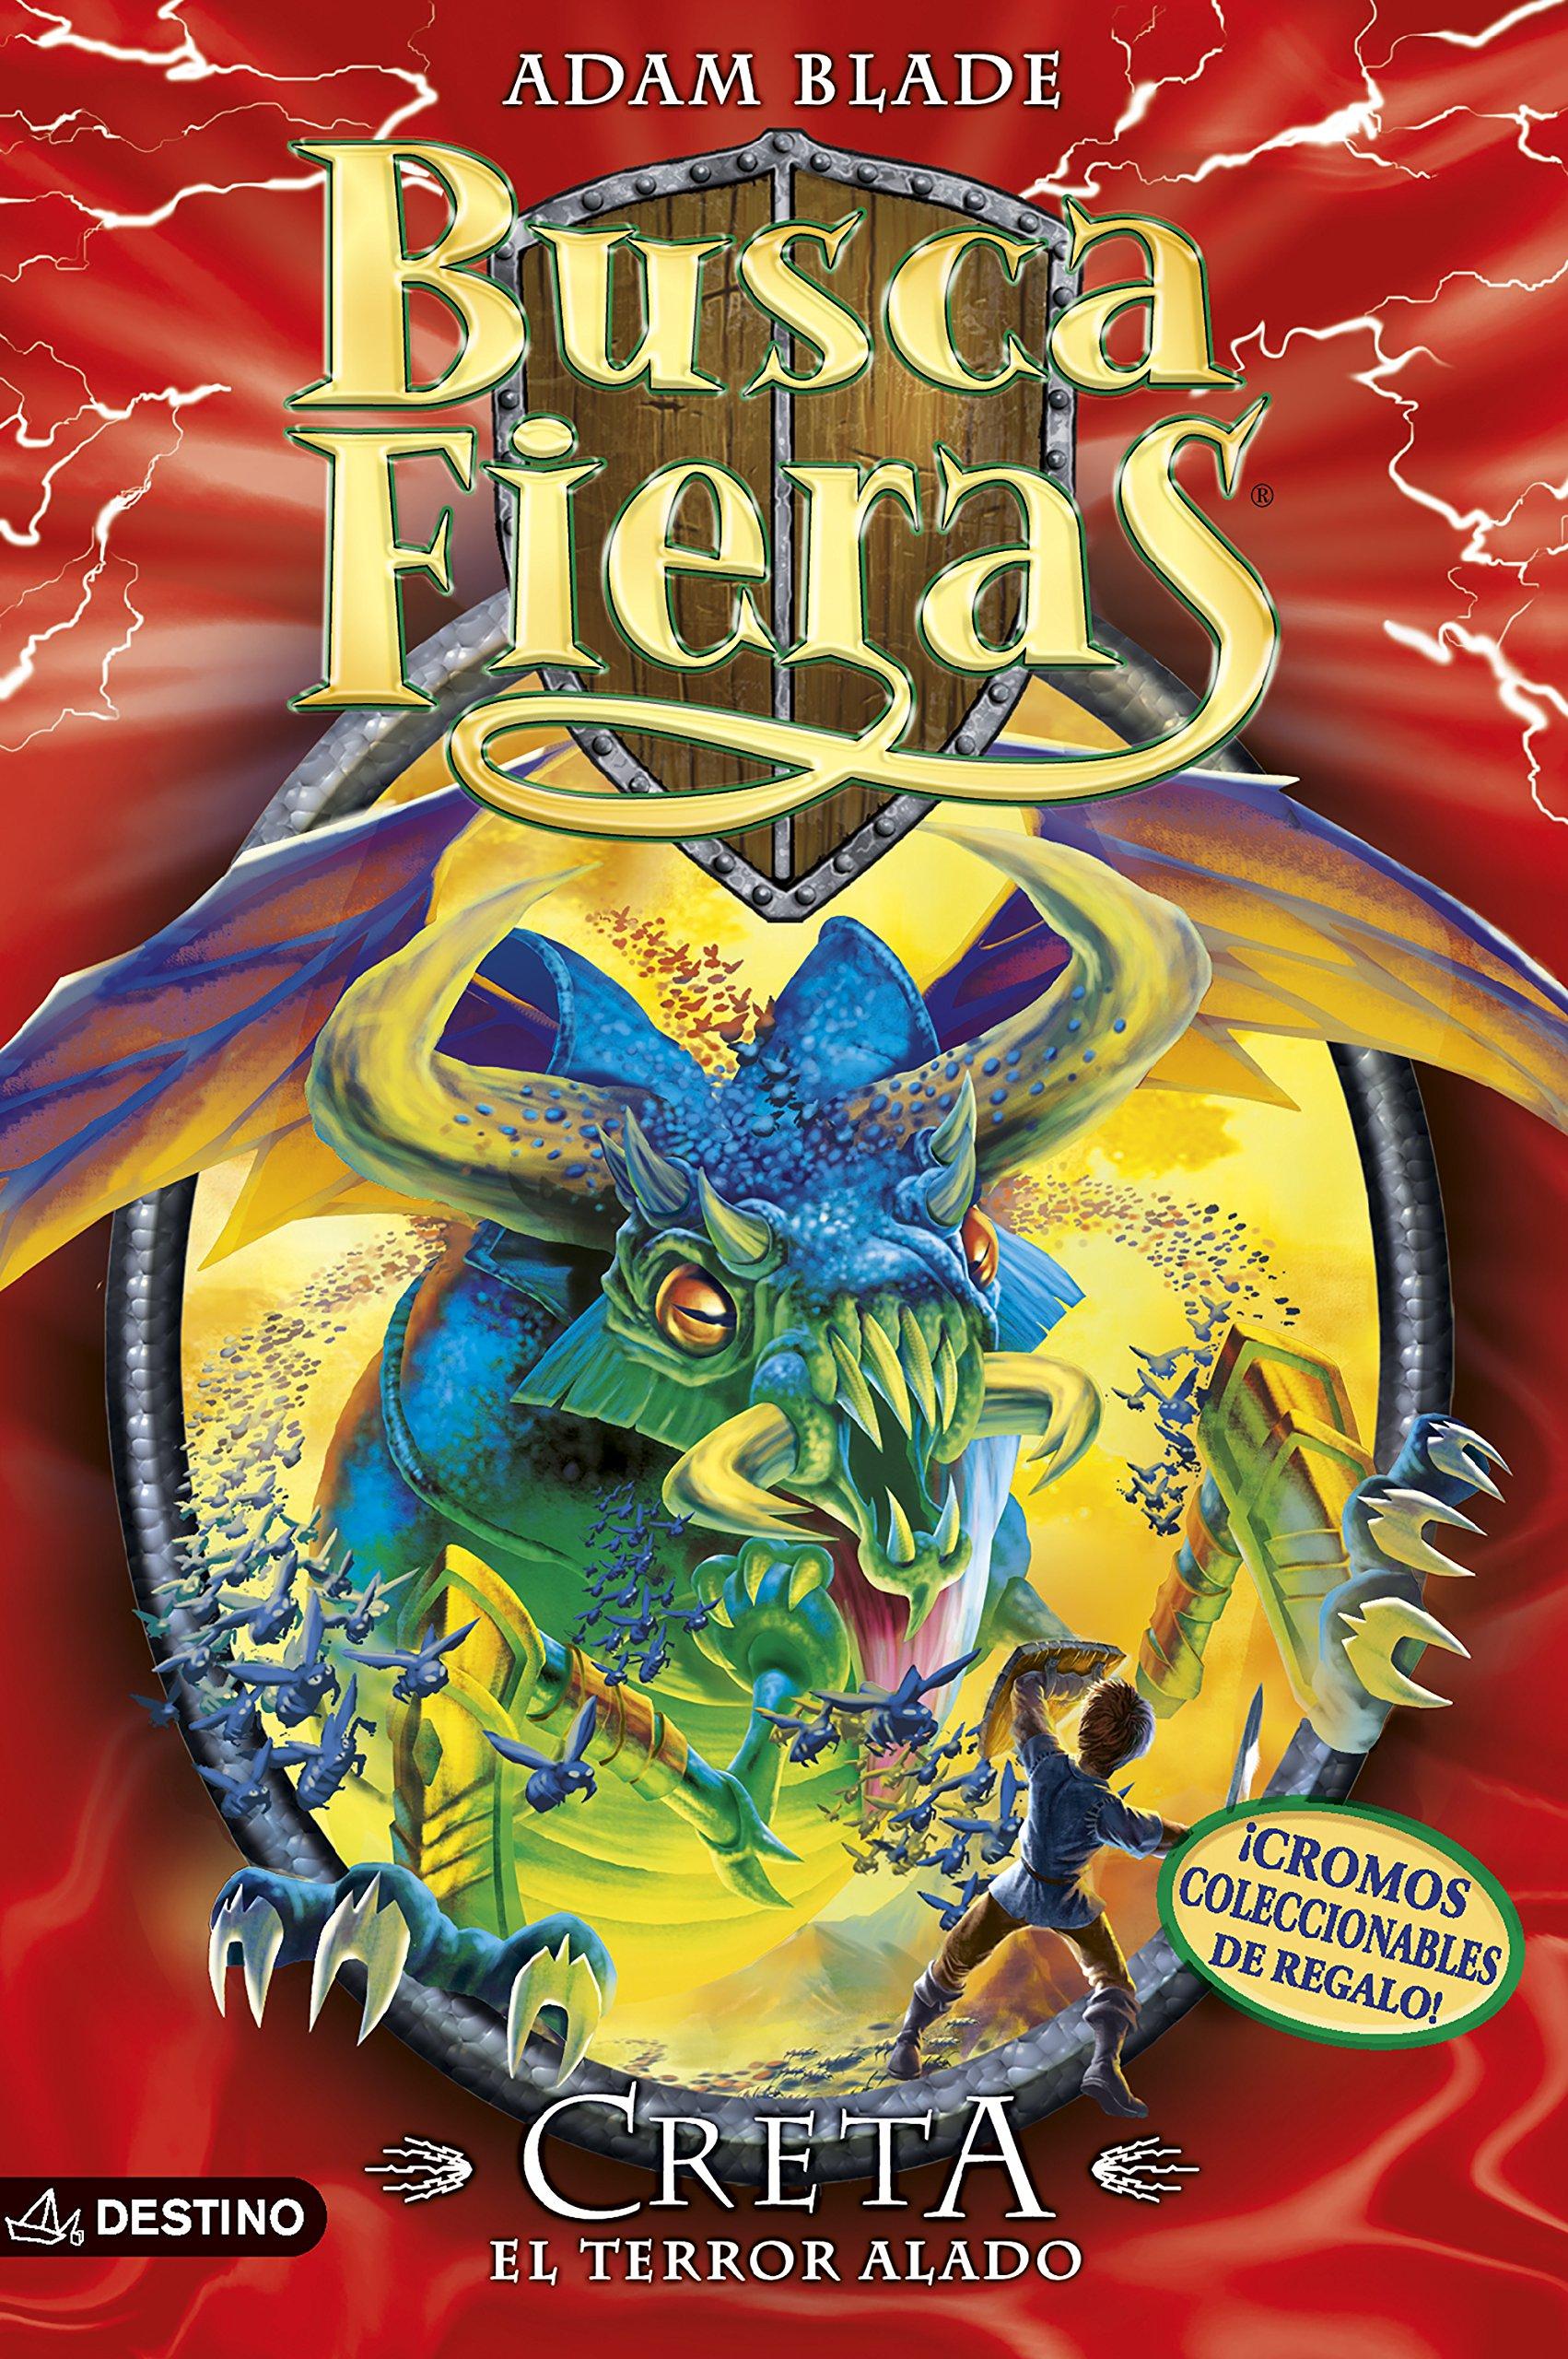 Download Creta, el terror alado (Spanish Edition) (Busca Fieras) pdf